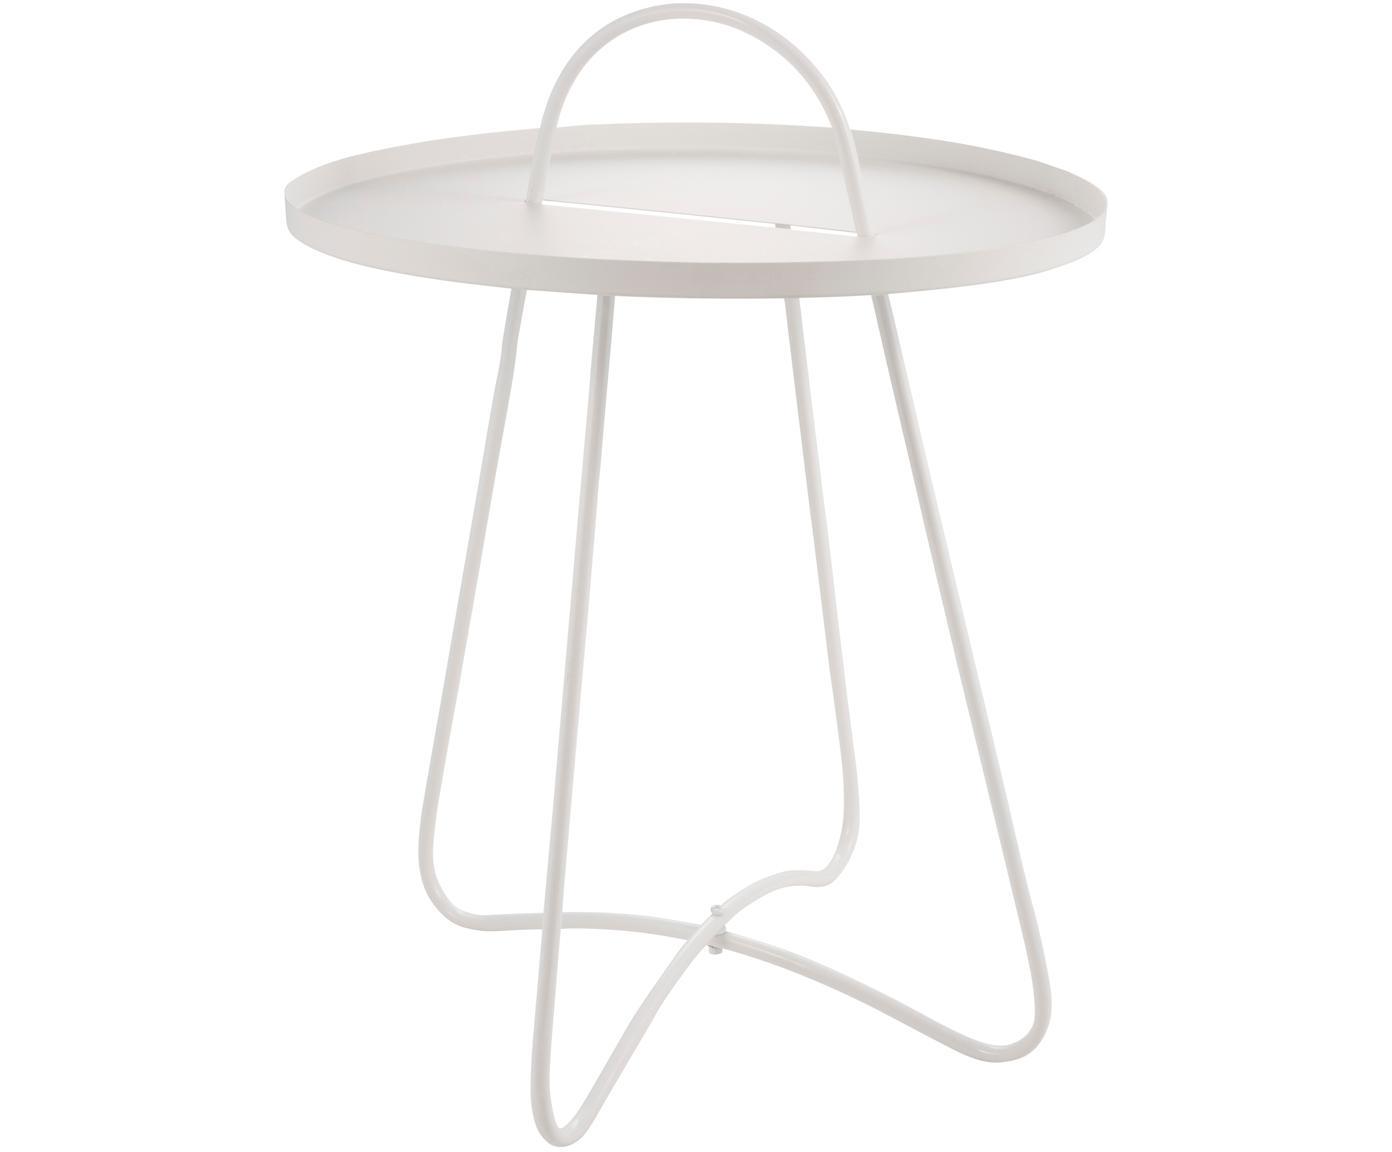 Mesa auxiliar de metal Pronto, Metal recubierto, Blanco, Ø 46 x Al 58 cm